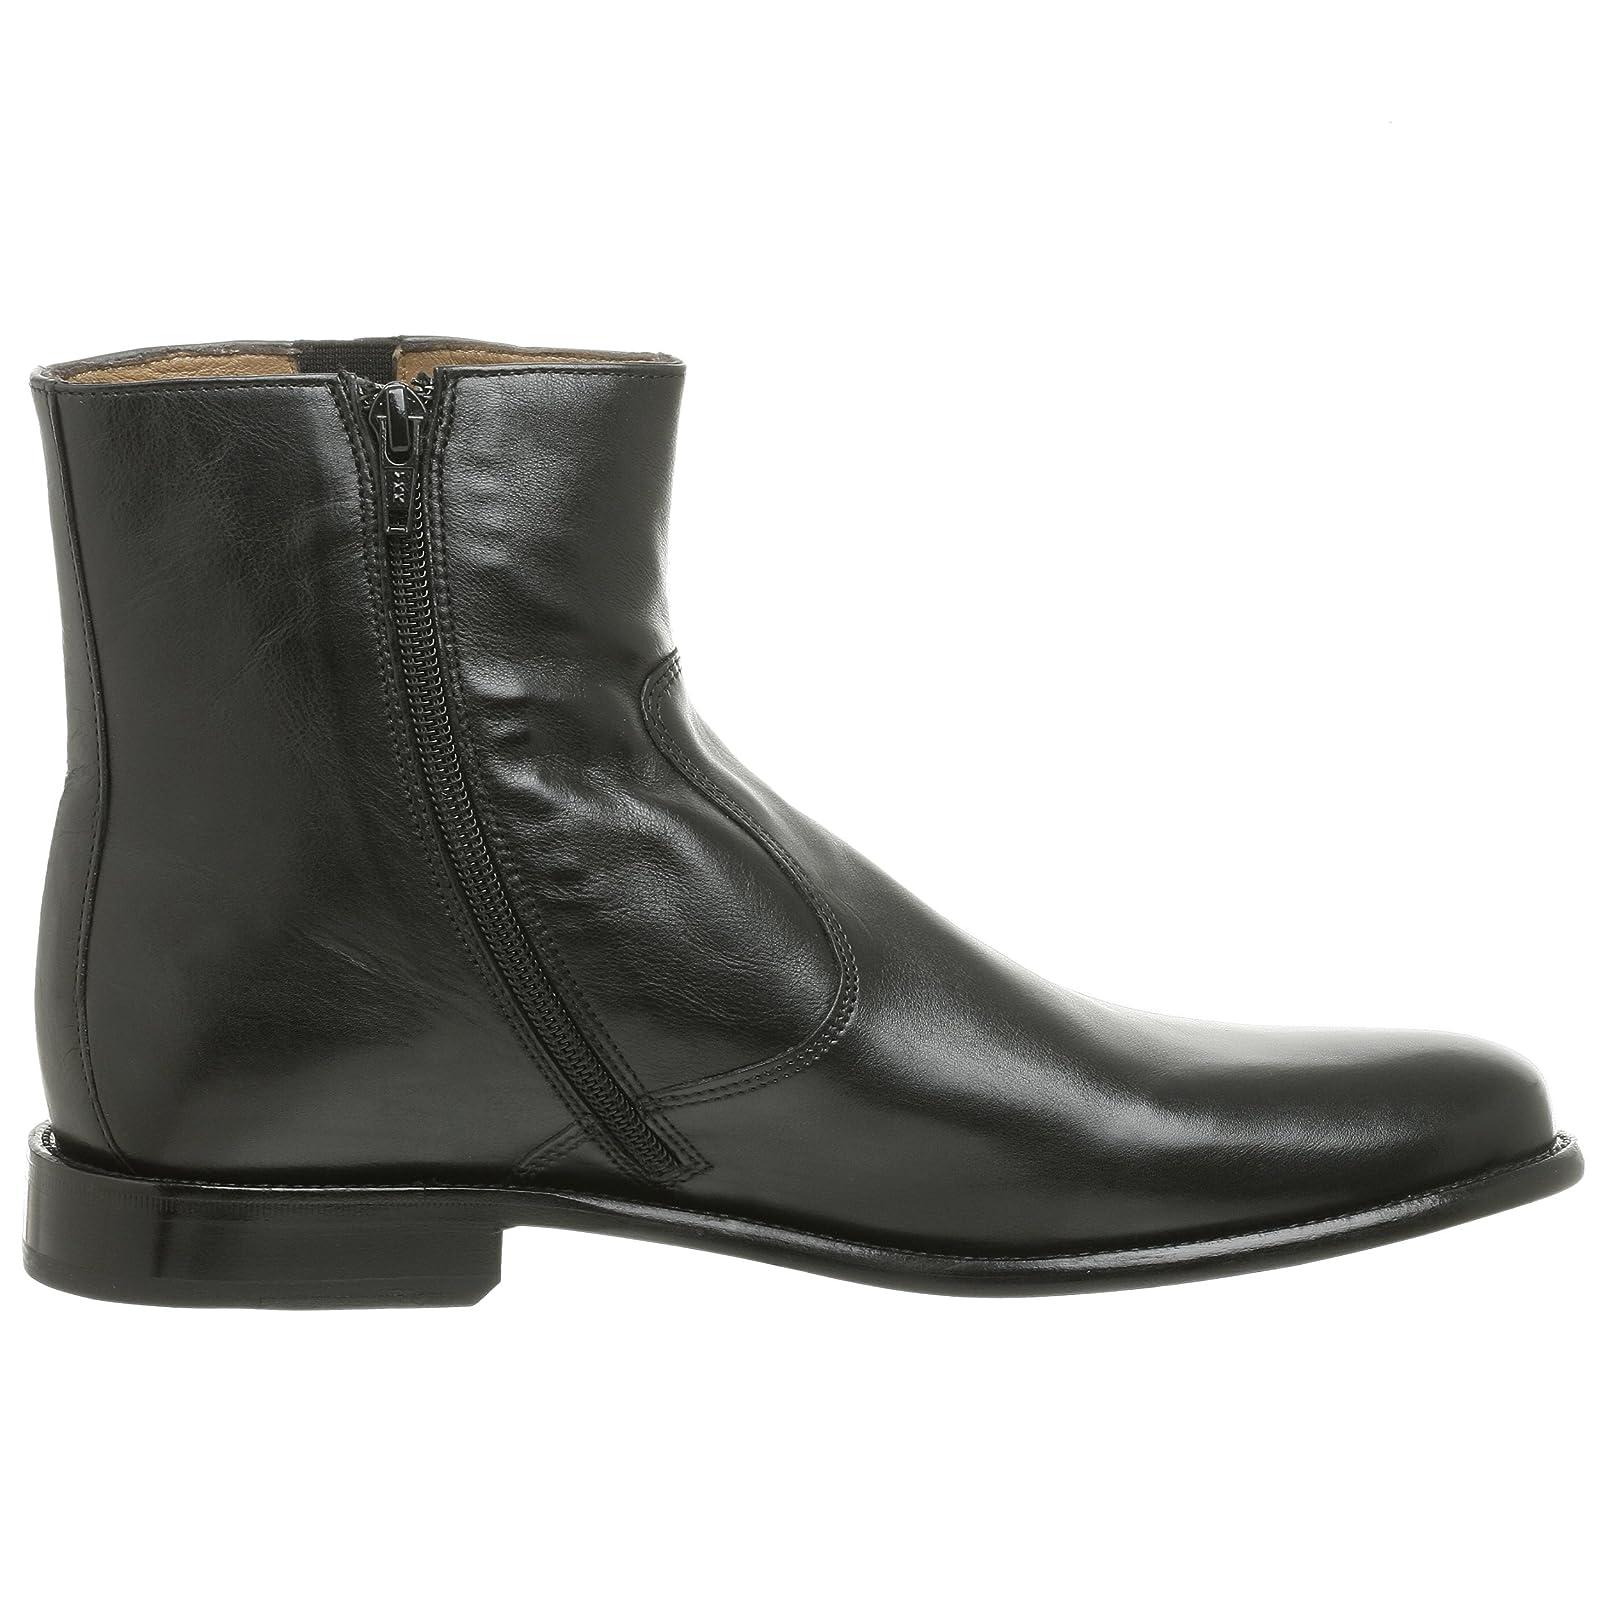 Florsheim Men's Hugo Boot 18570 Black Milled Leather - 6